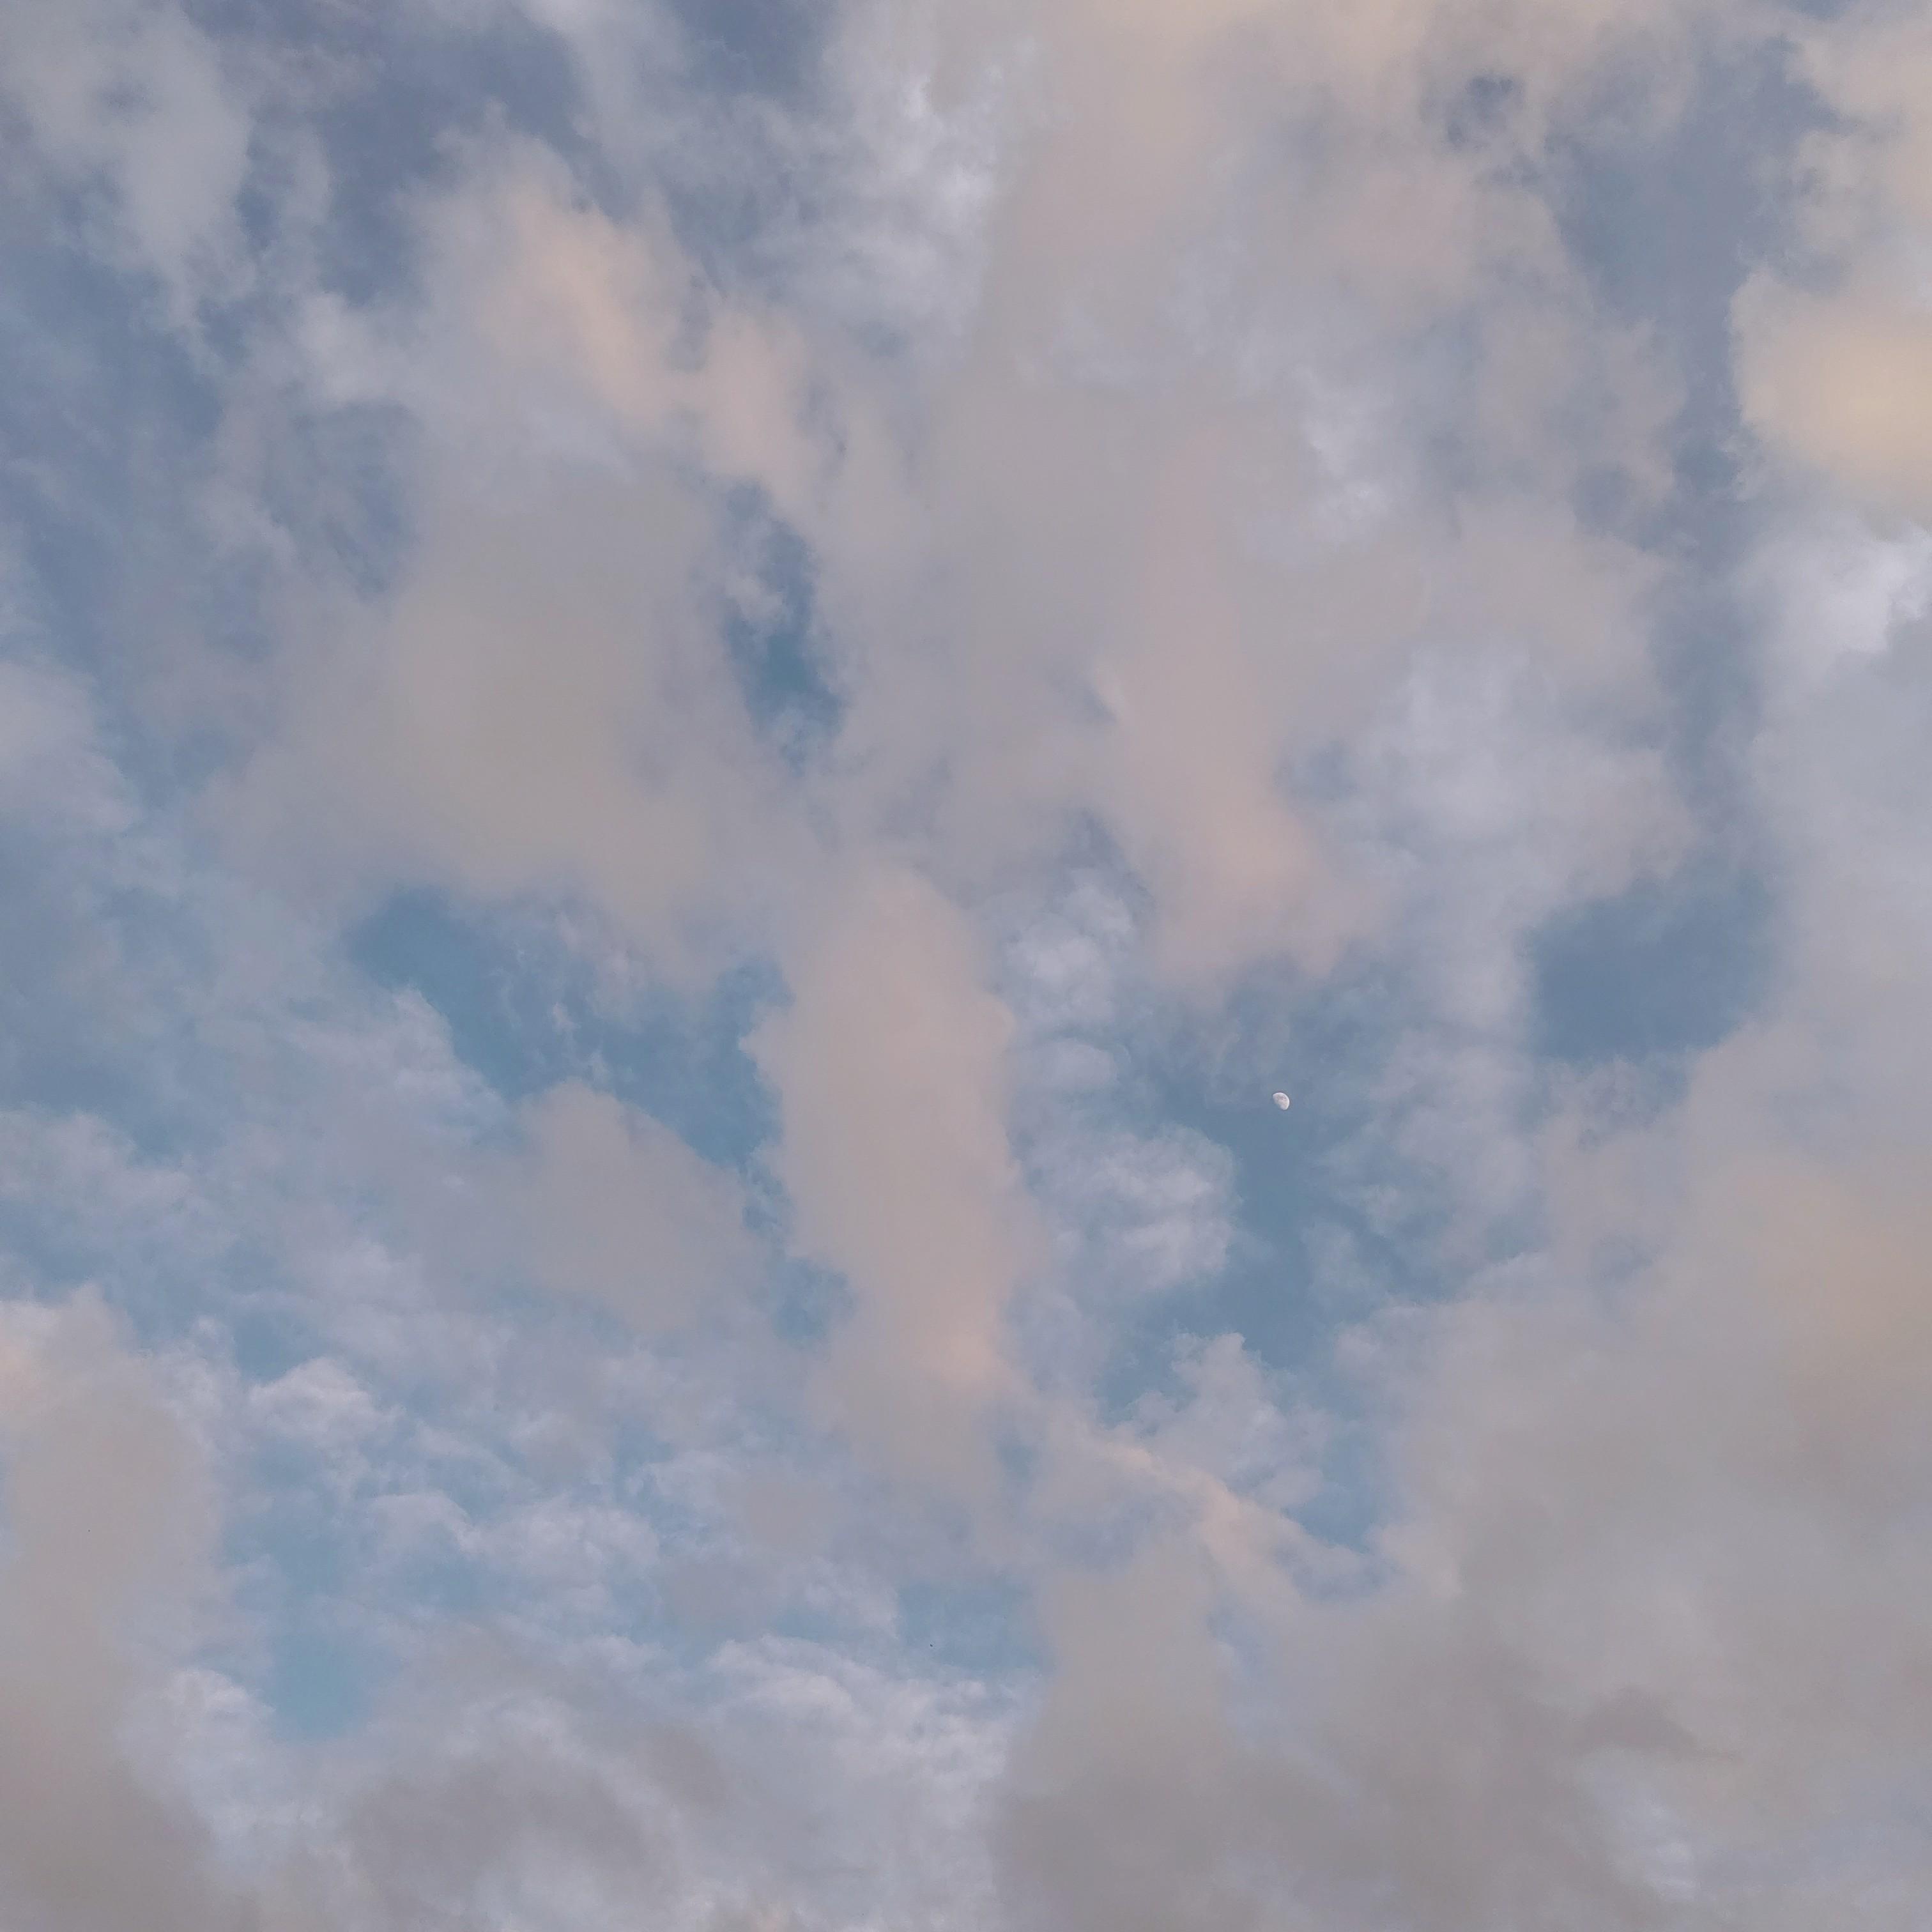 「本日もよろしくお願いいたします//」10/11(月) 12:13   橘ののの写メ日記